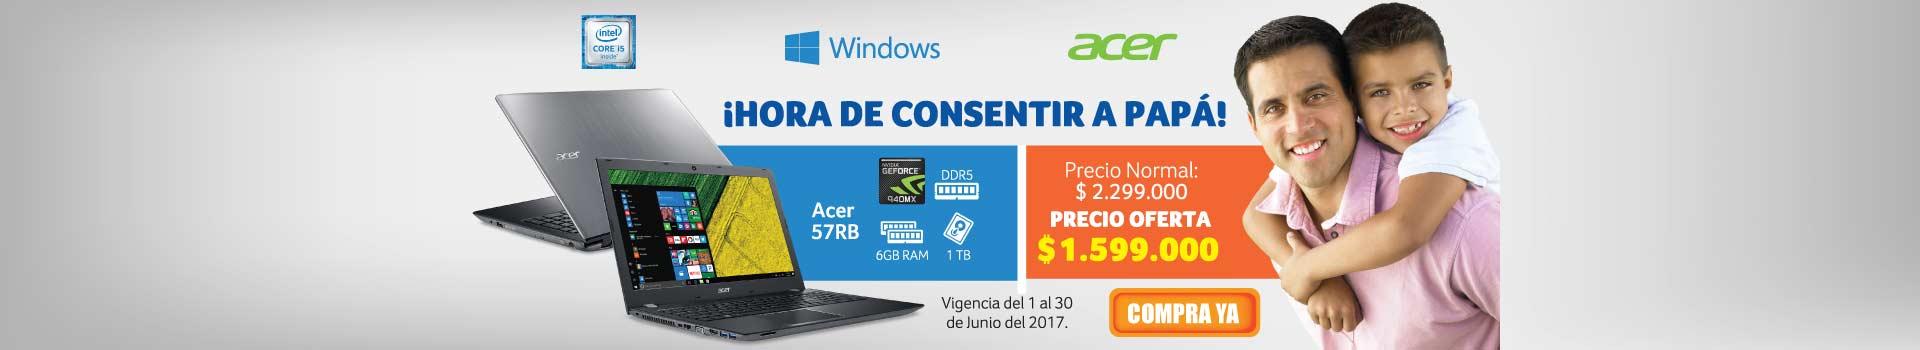 Pauta Acer - CAT AK y KT - Portátil ACER 57RB Ci5 P 15.6